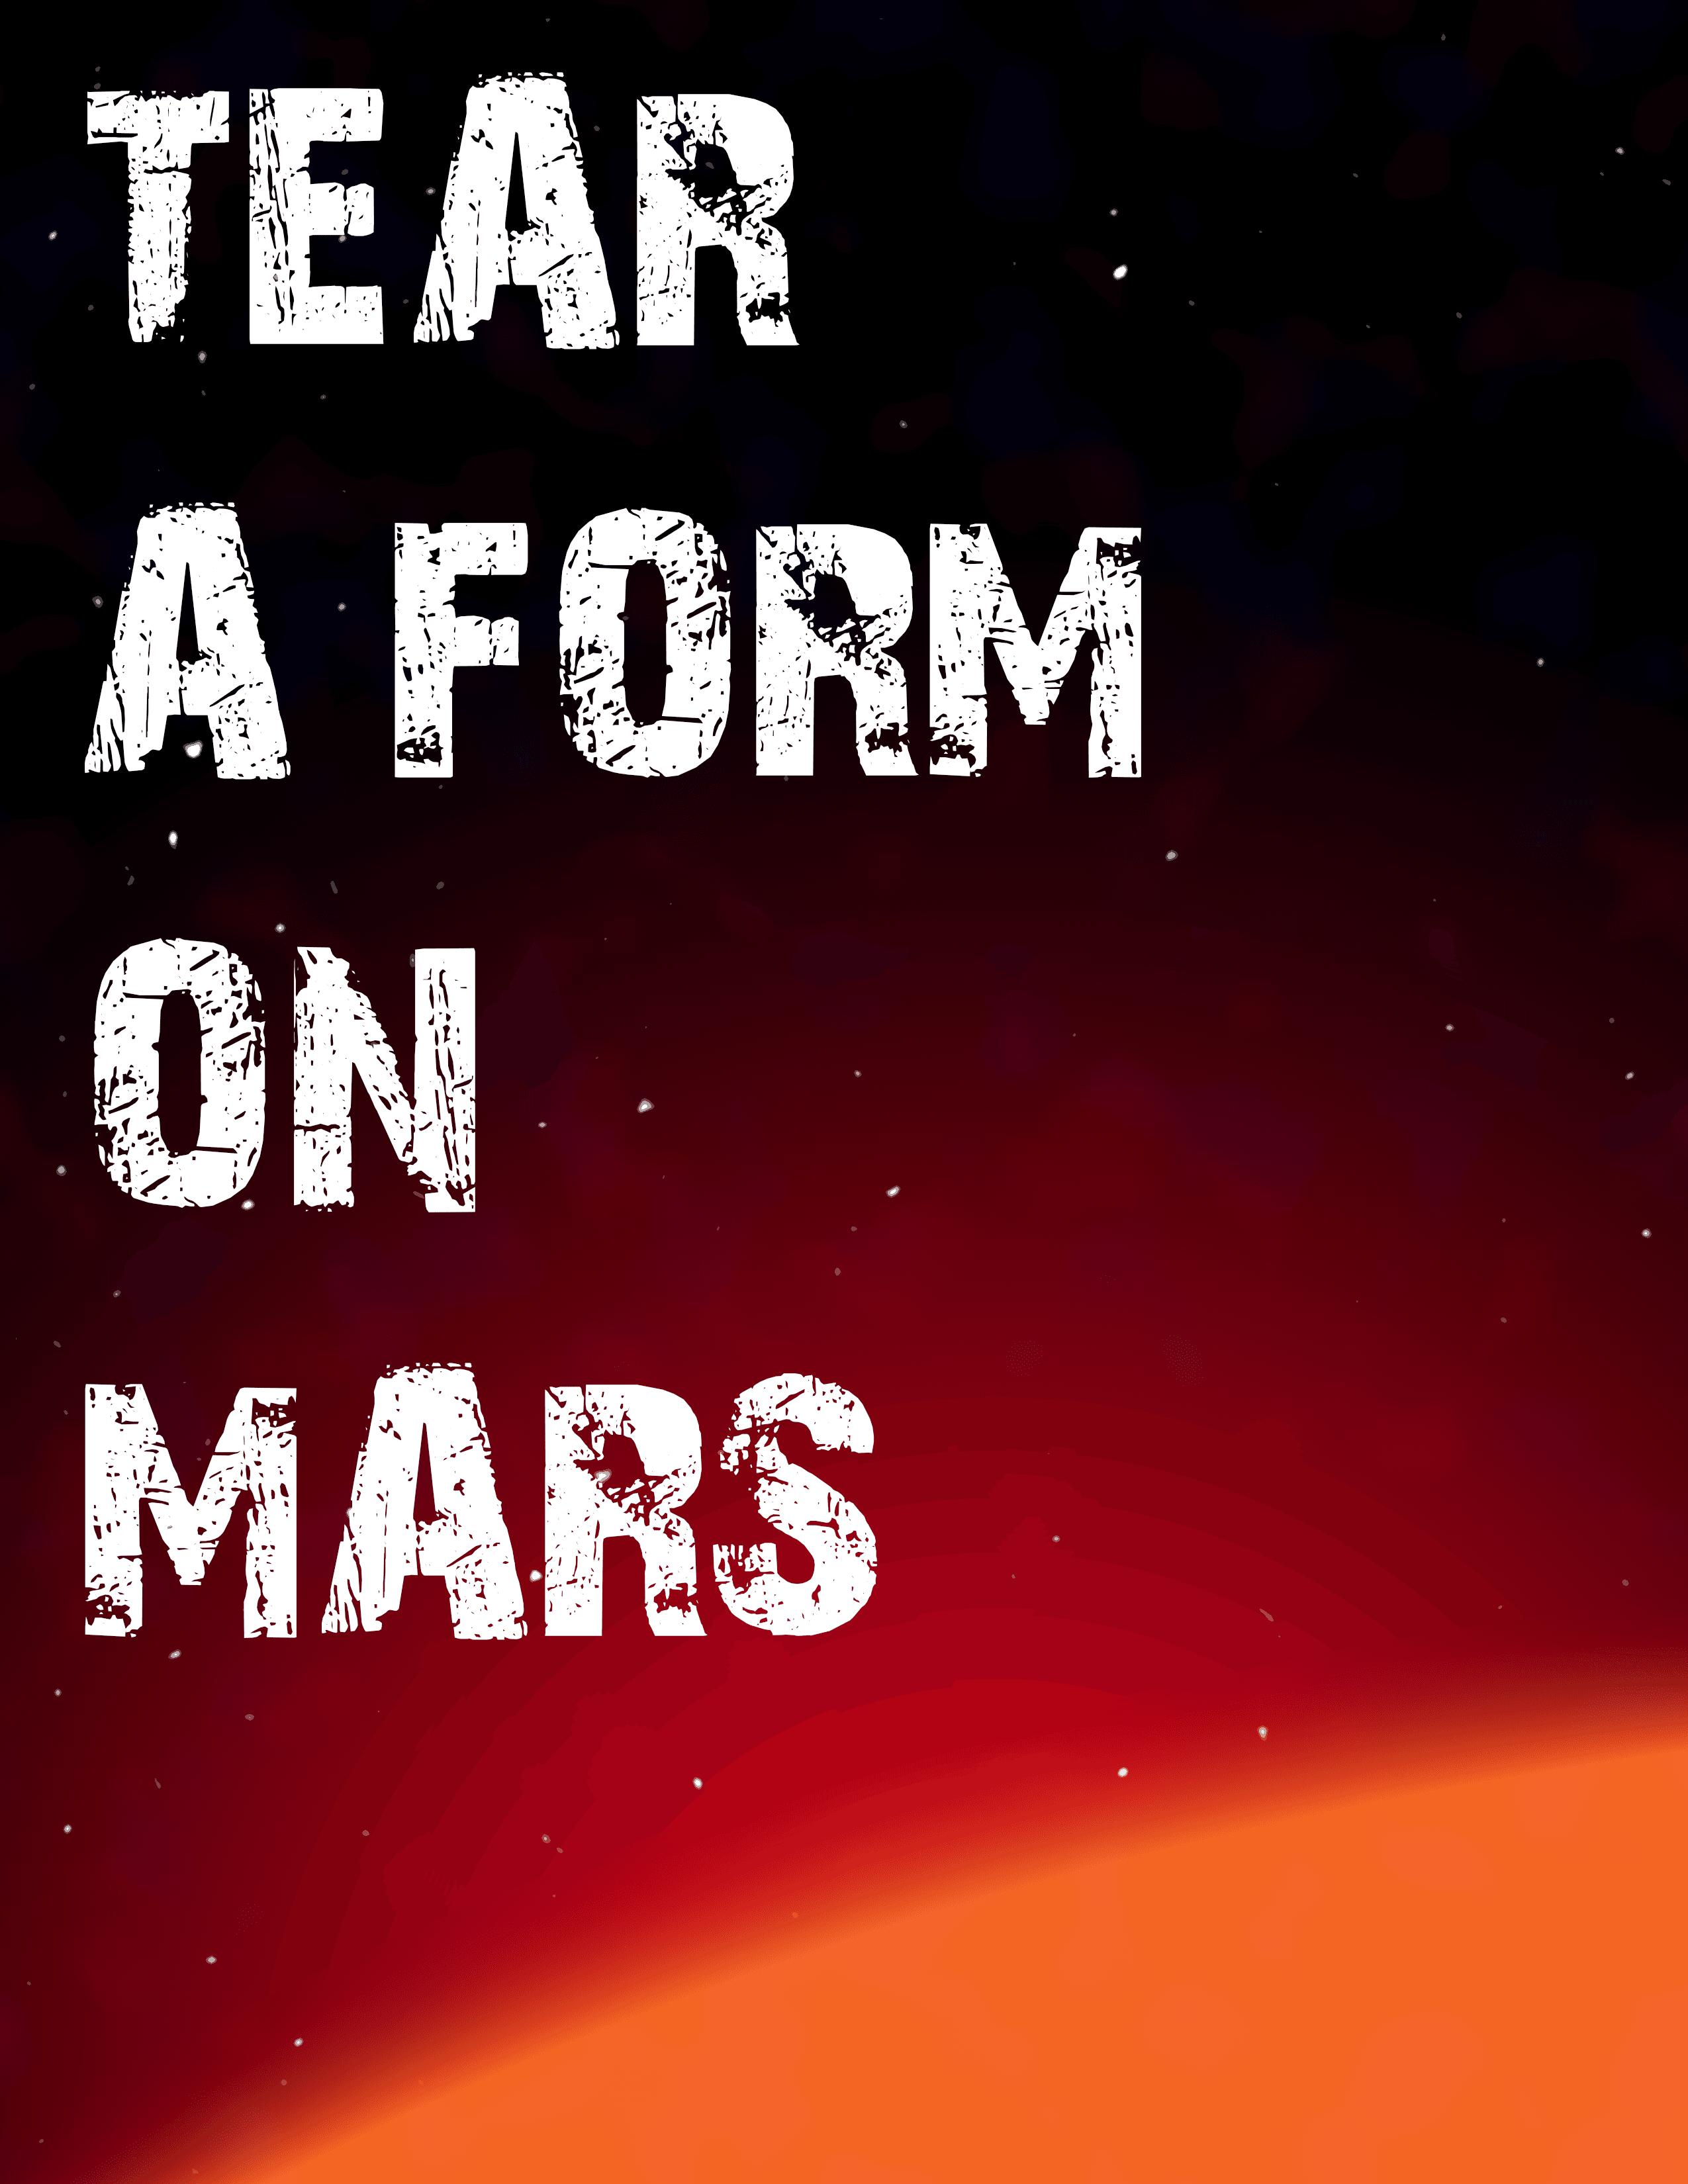 Tear-a-Form on Mars